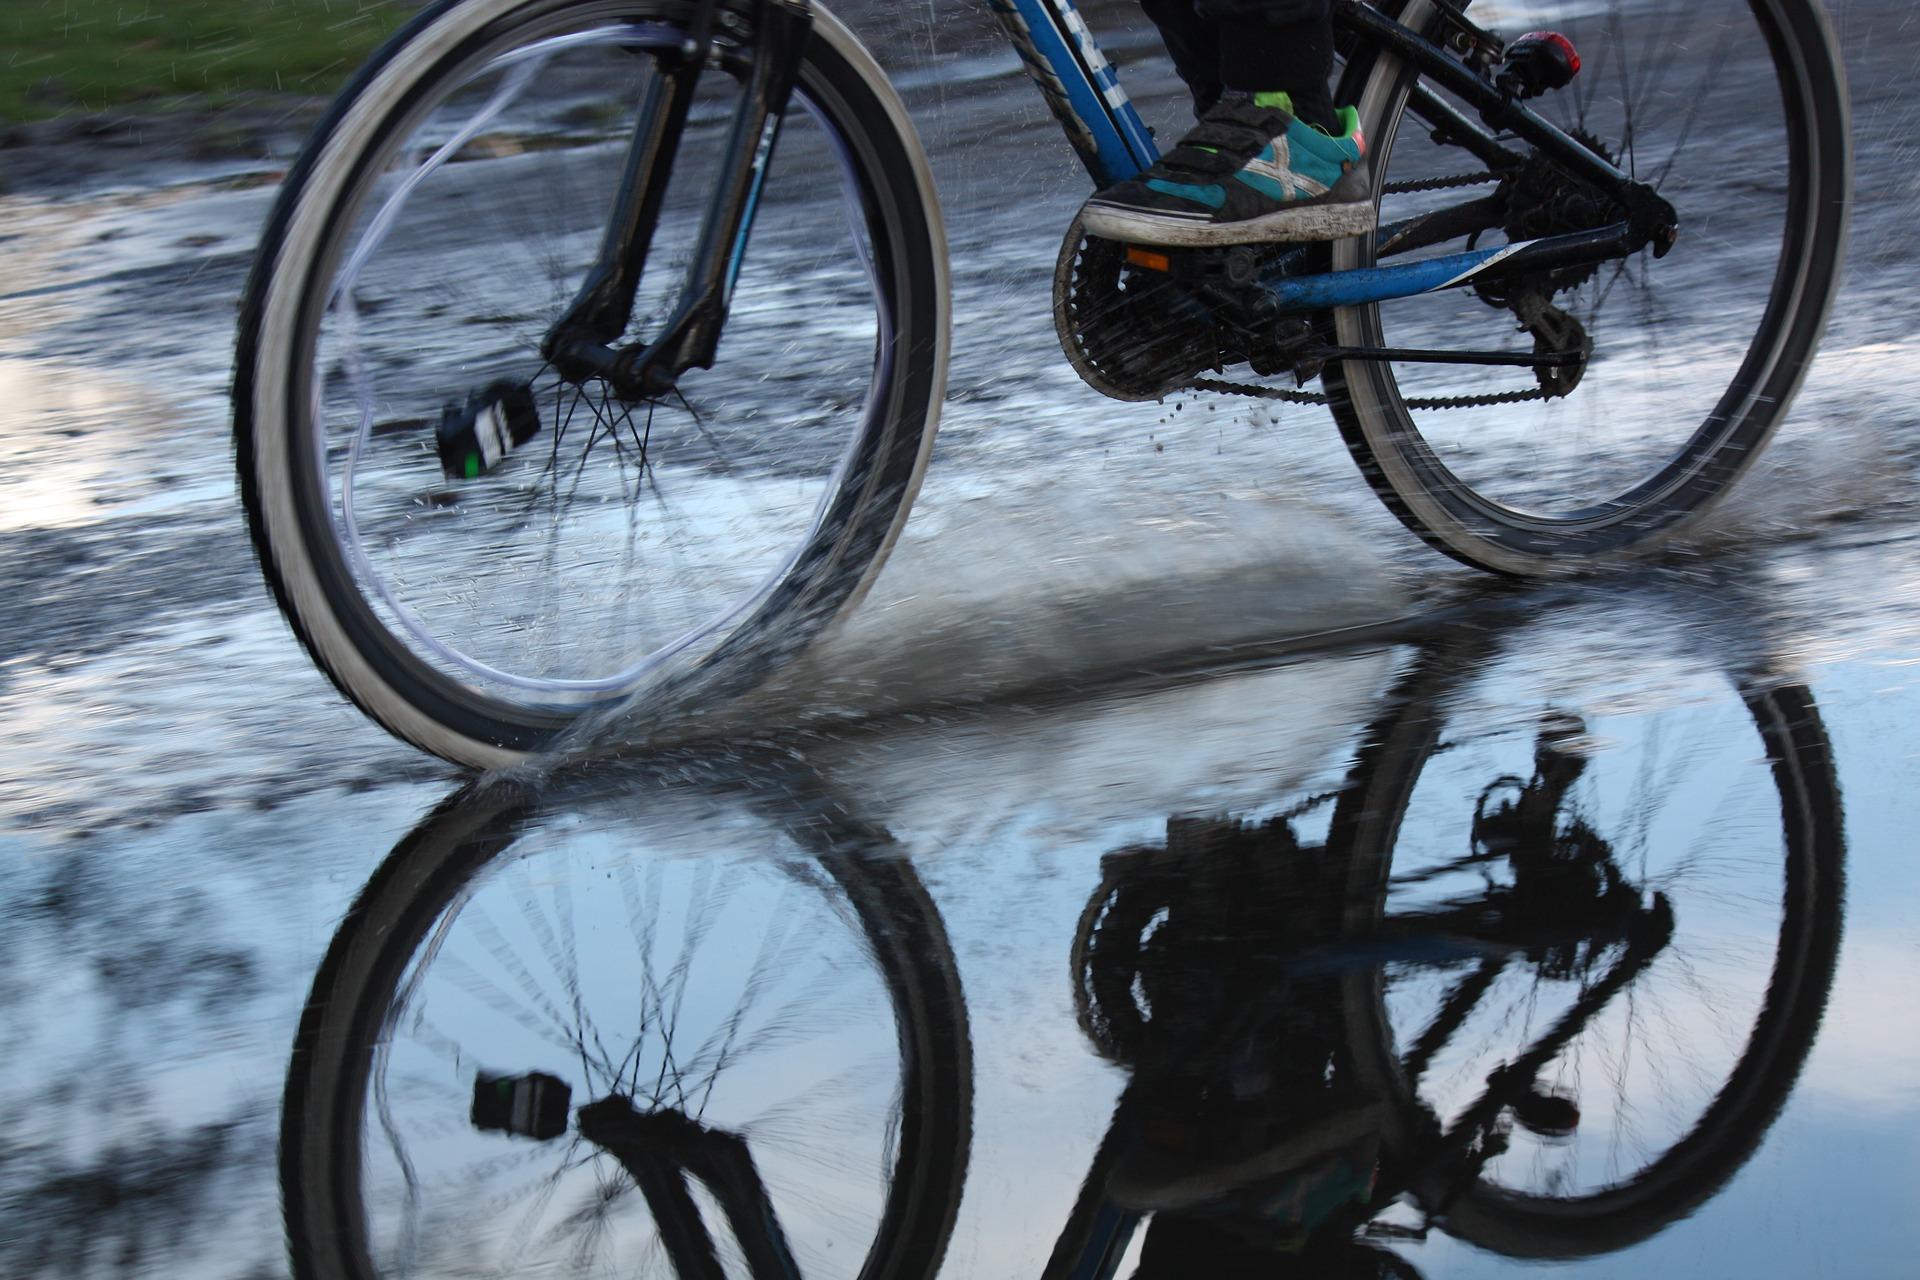 cobbles-wielrennen-woon-werk-weer-plas